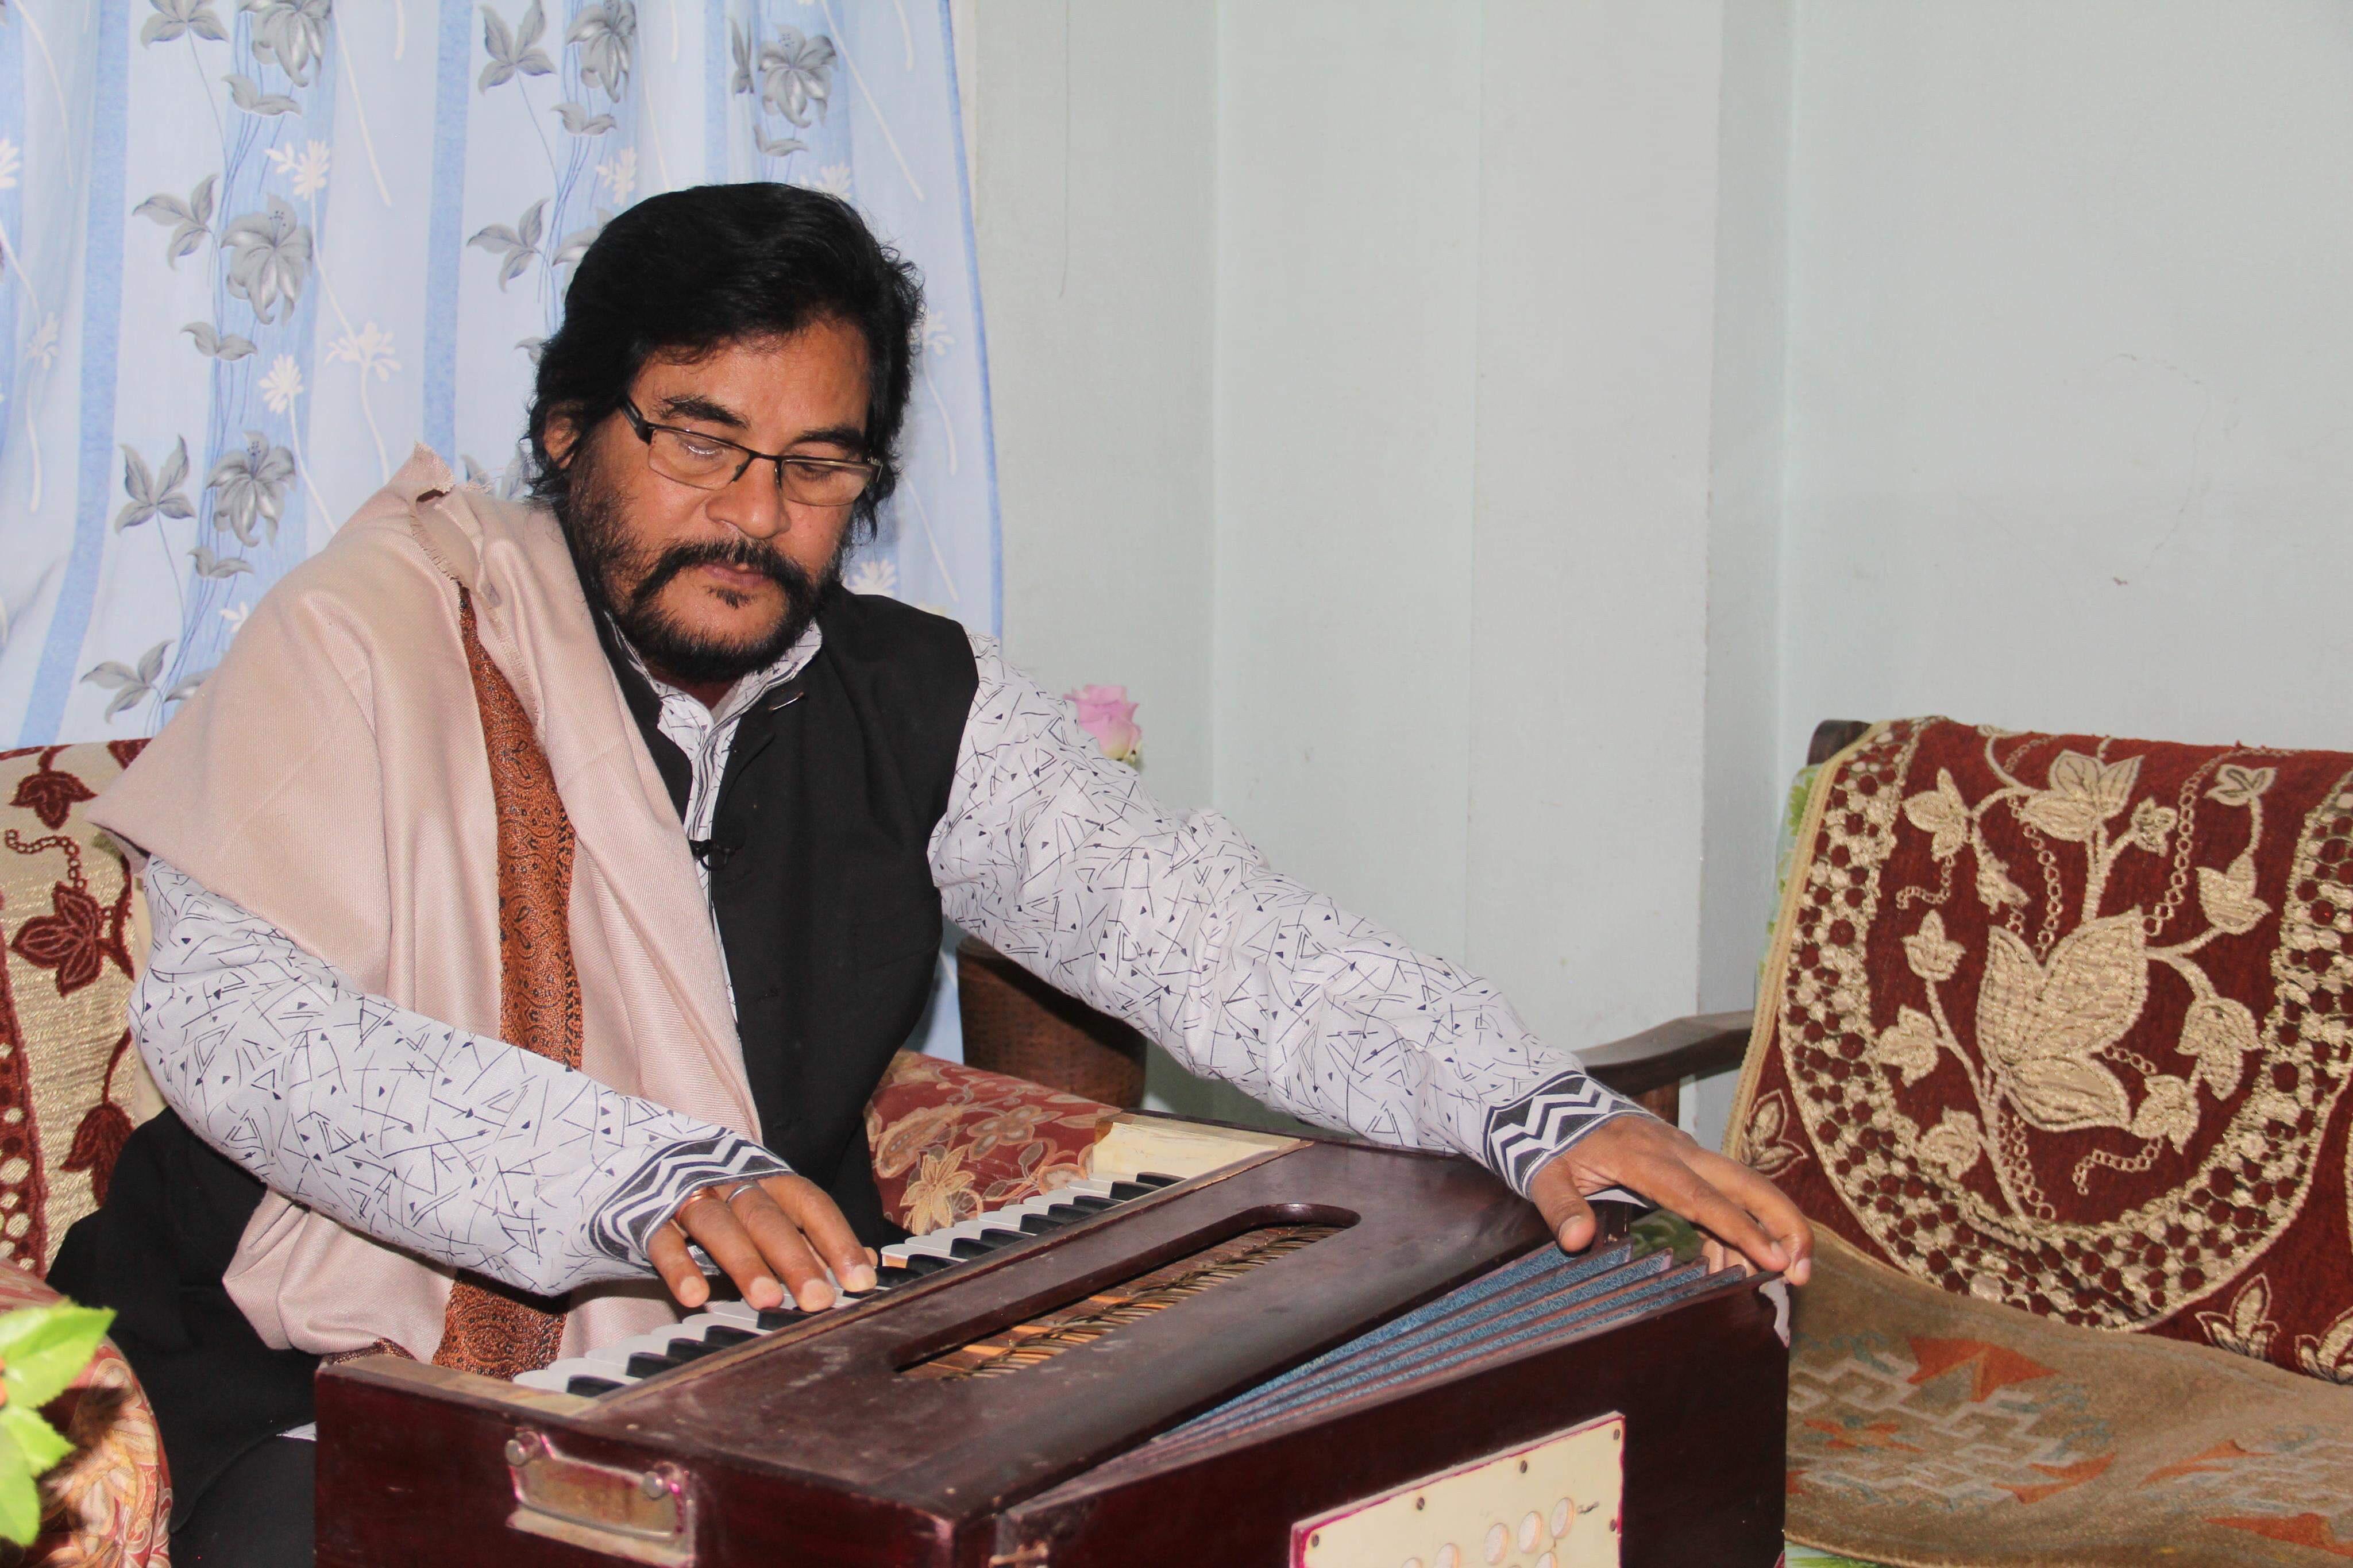 'निष्ठुरीलाई माया गरी' गीत राजेशपायलको होइन, मेरो हो : मुरलीधर [भिडियो अन्तर्वार्ता]